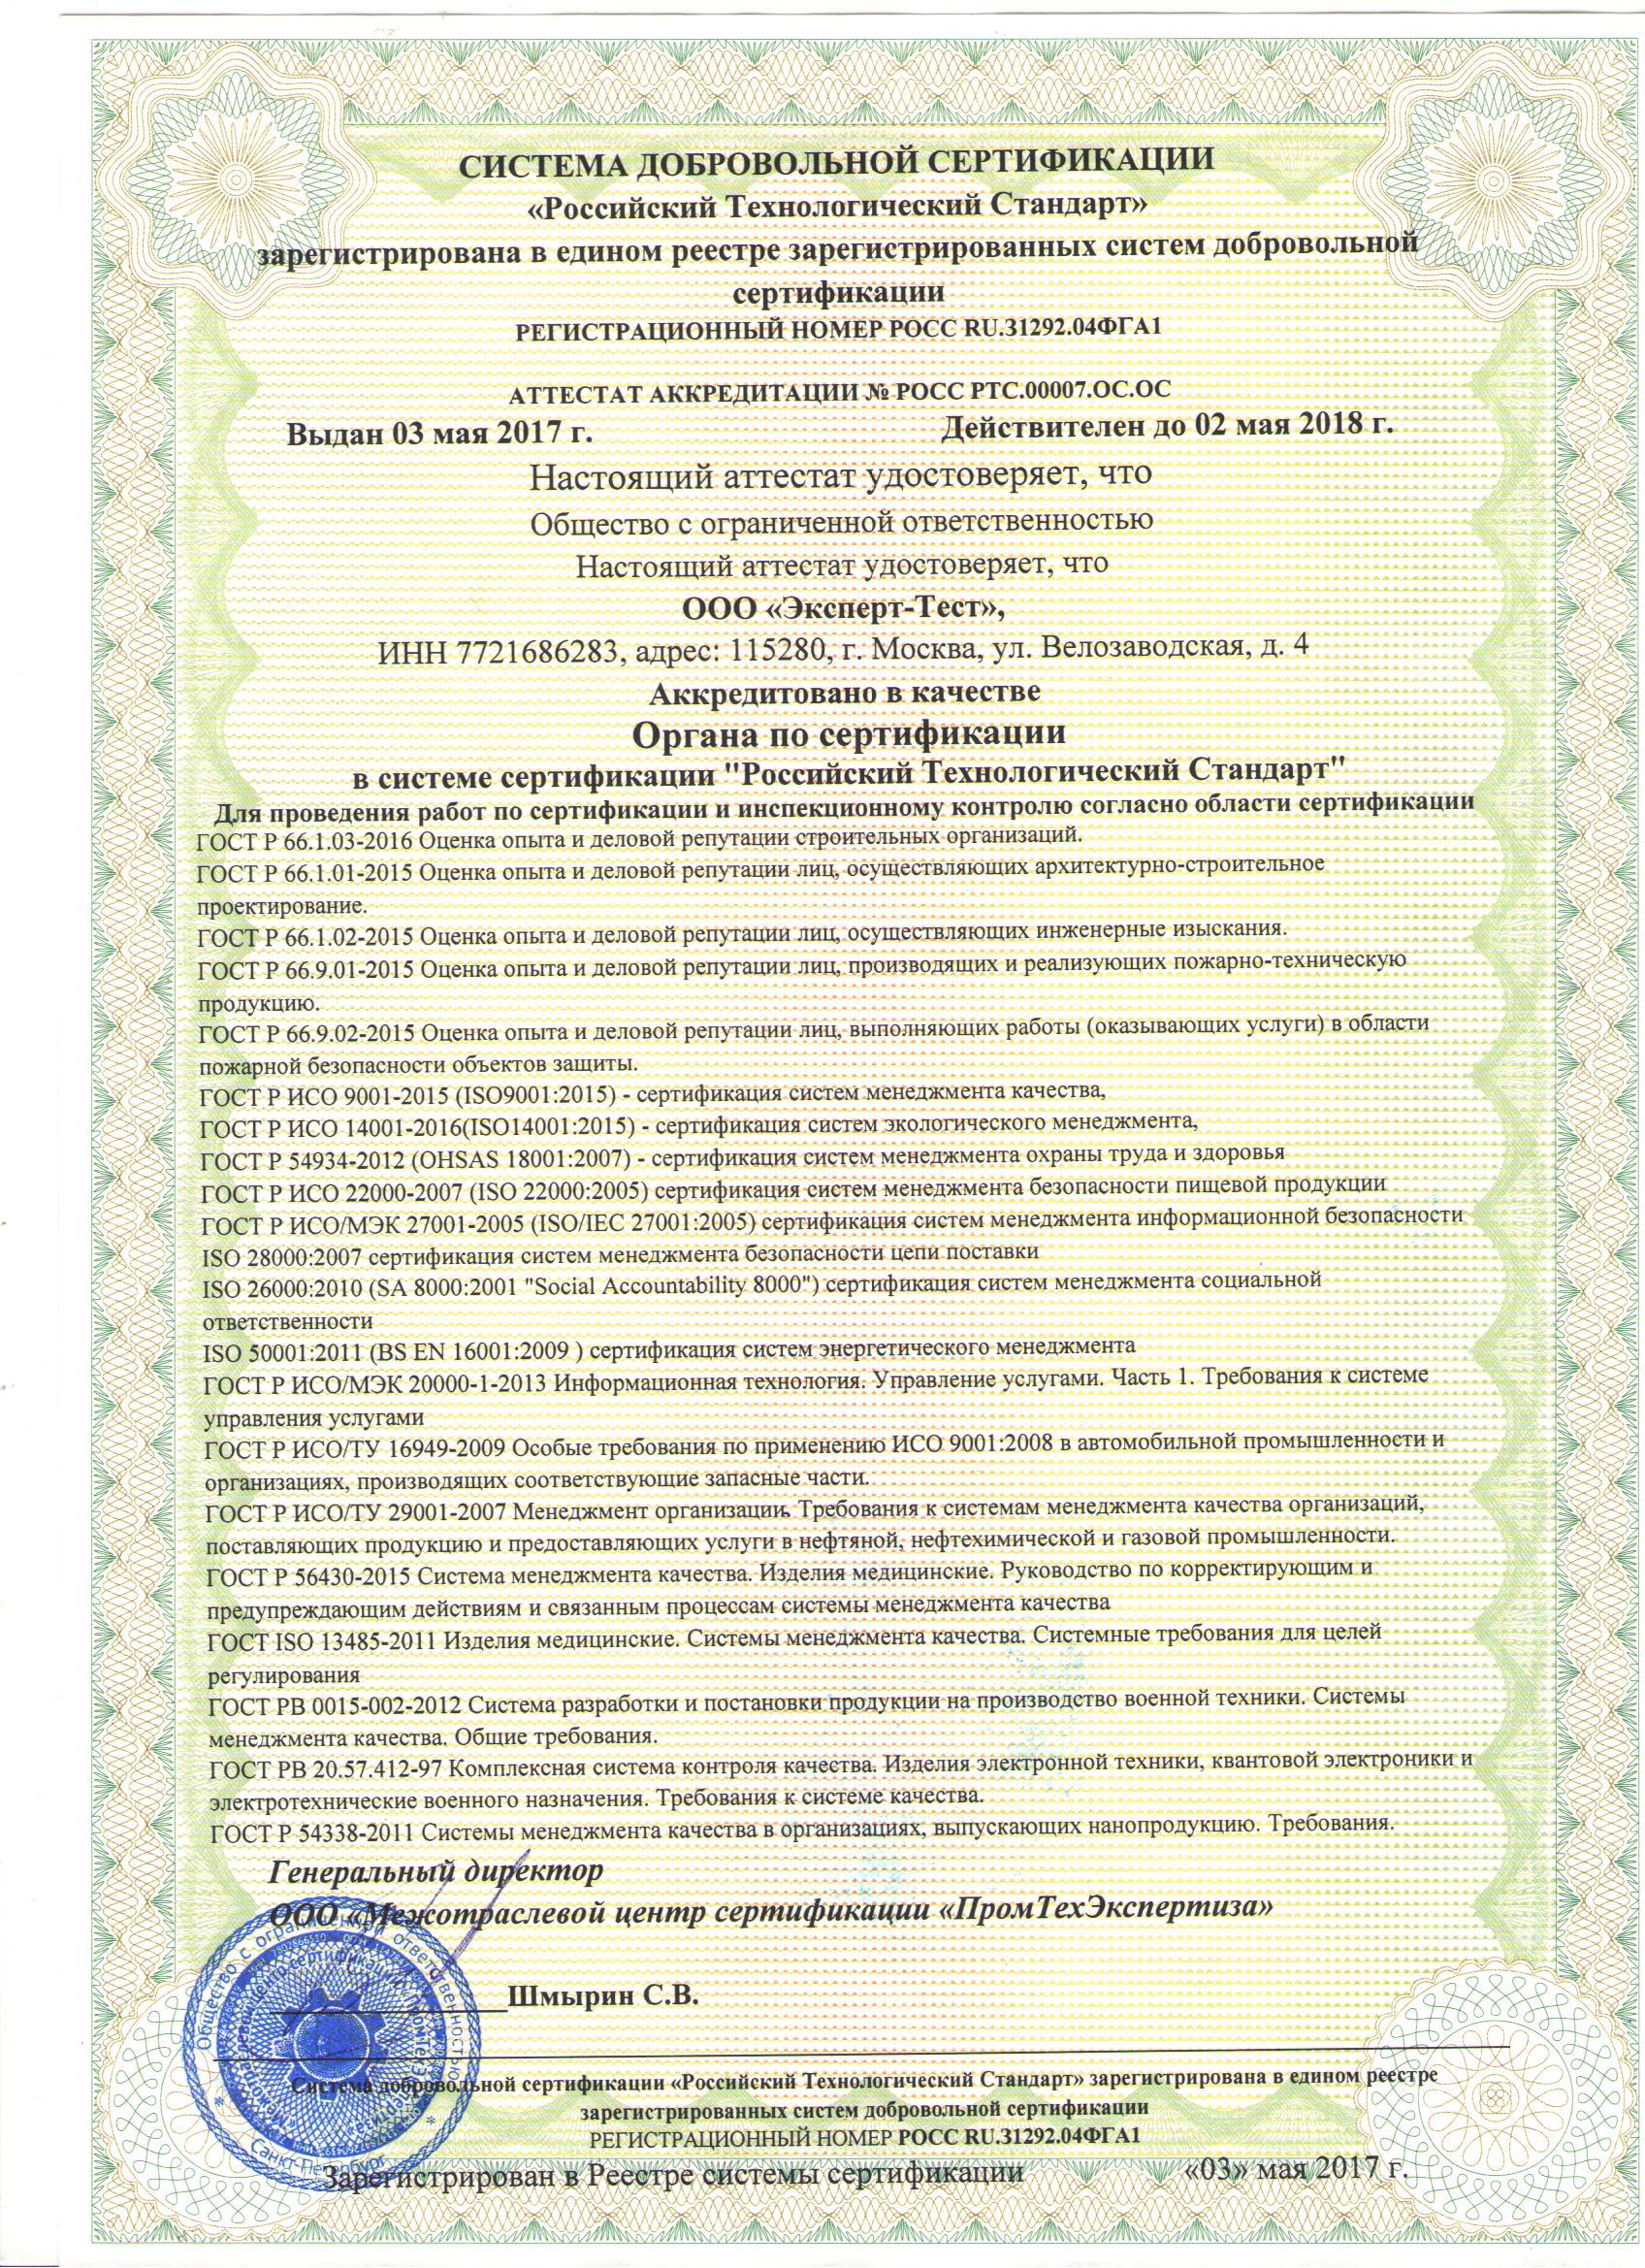 Сертификация стб-18000 отдел смк гост р исо 14001-2007